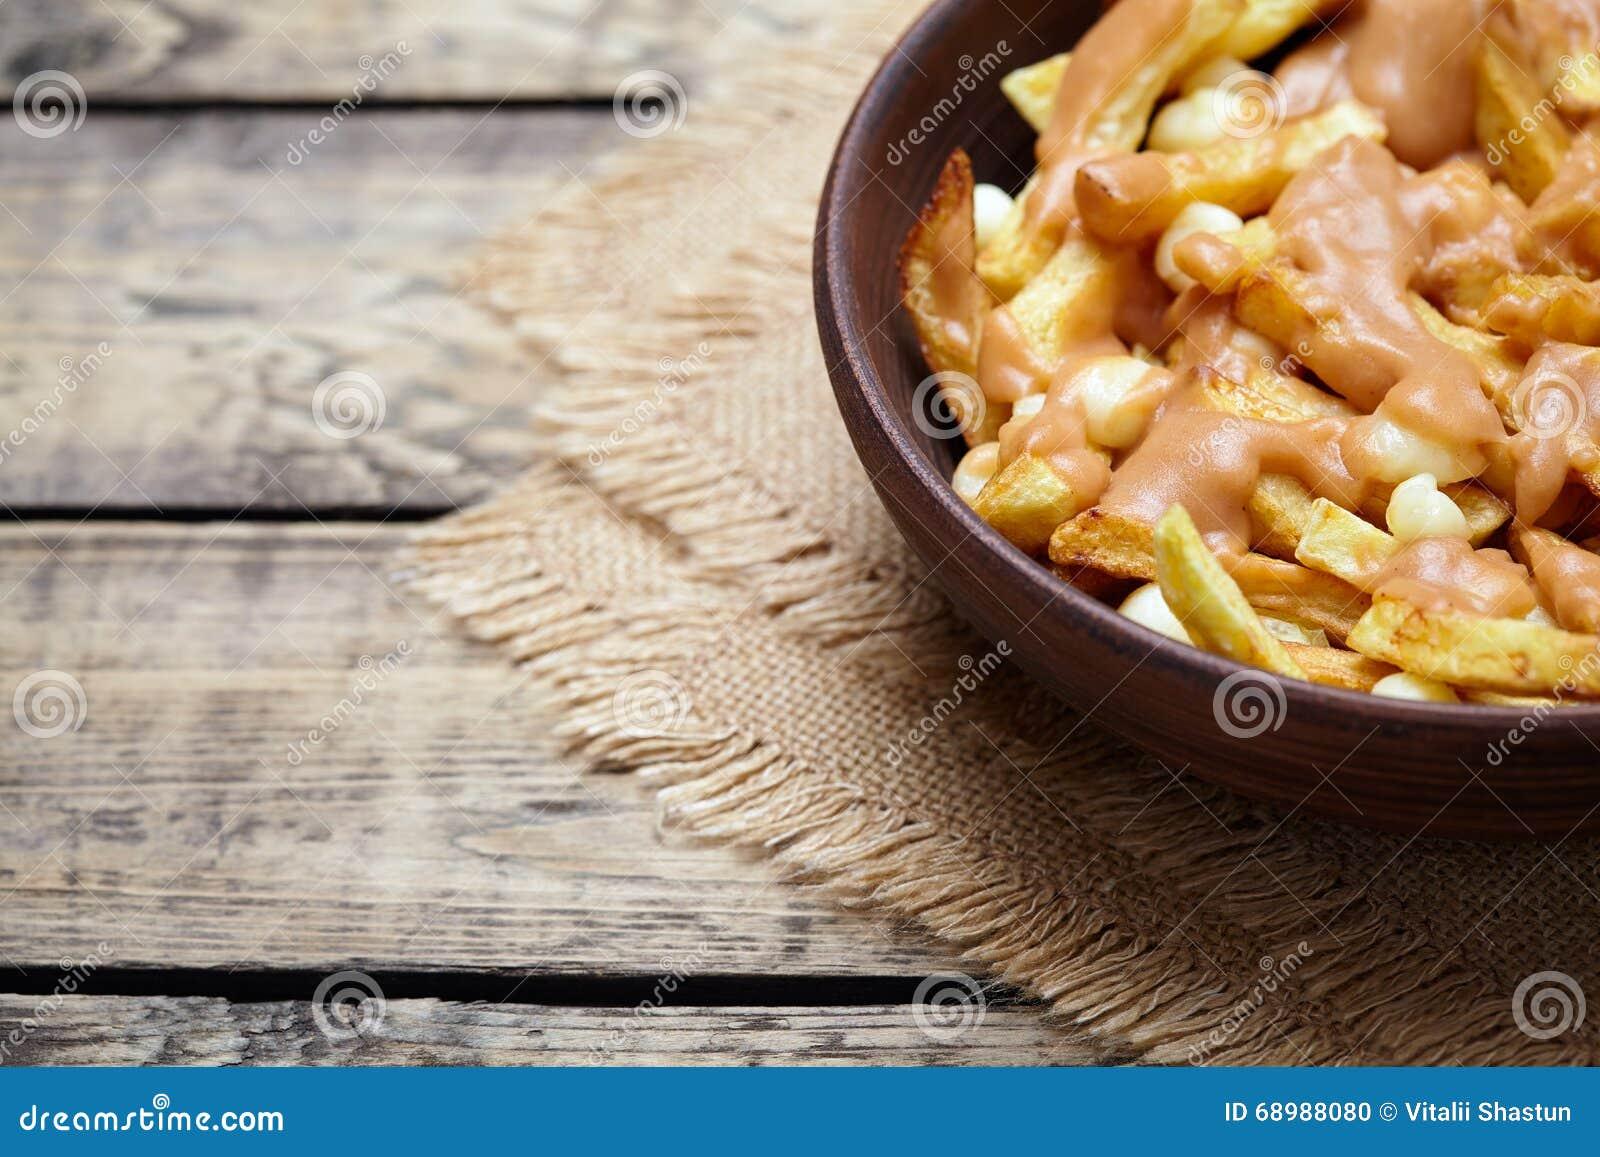 Comida de alimentos de preparación rápida tradicional hecha en casa canadiense de Poutine con las fritadas